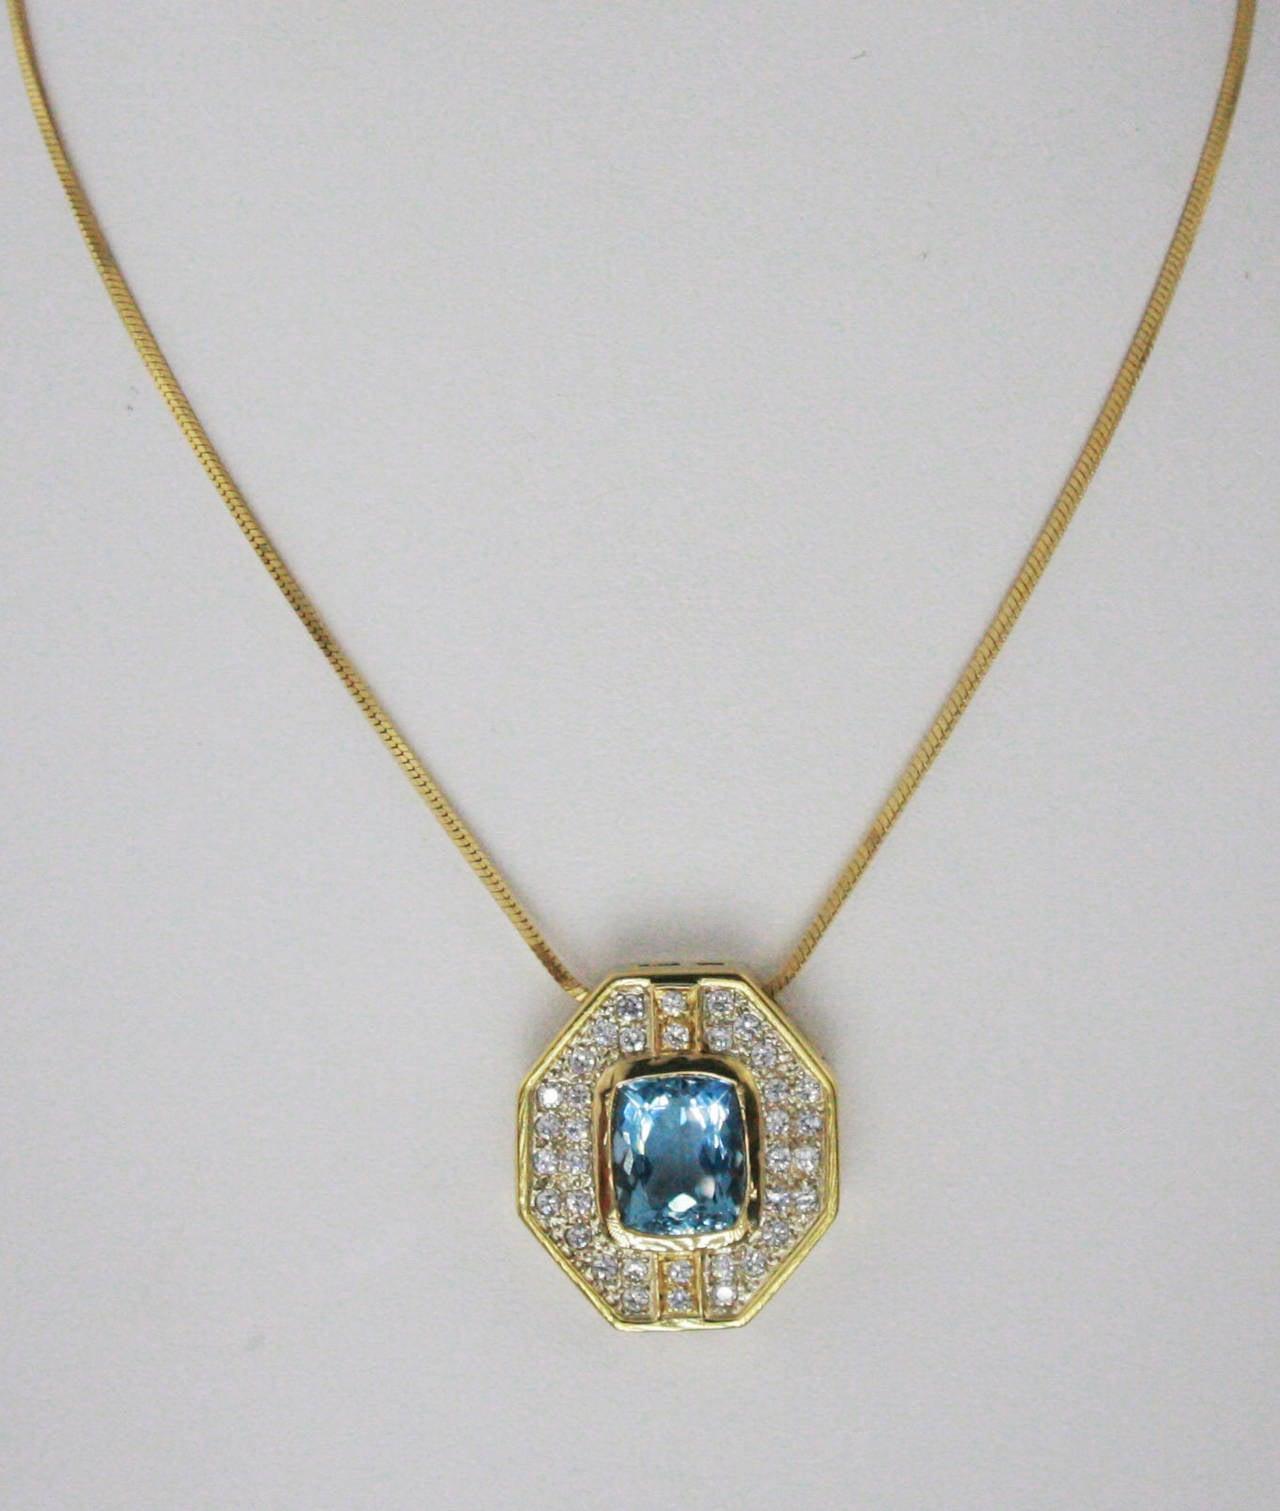 5.5 Carat Aquamarine & Diamond Gold Pendant Necklace 4